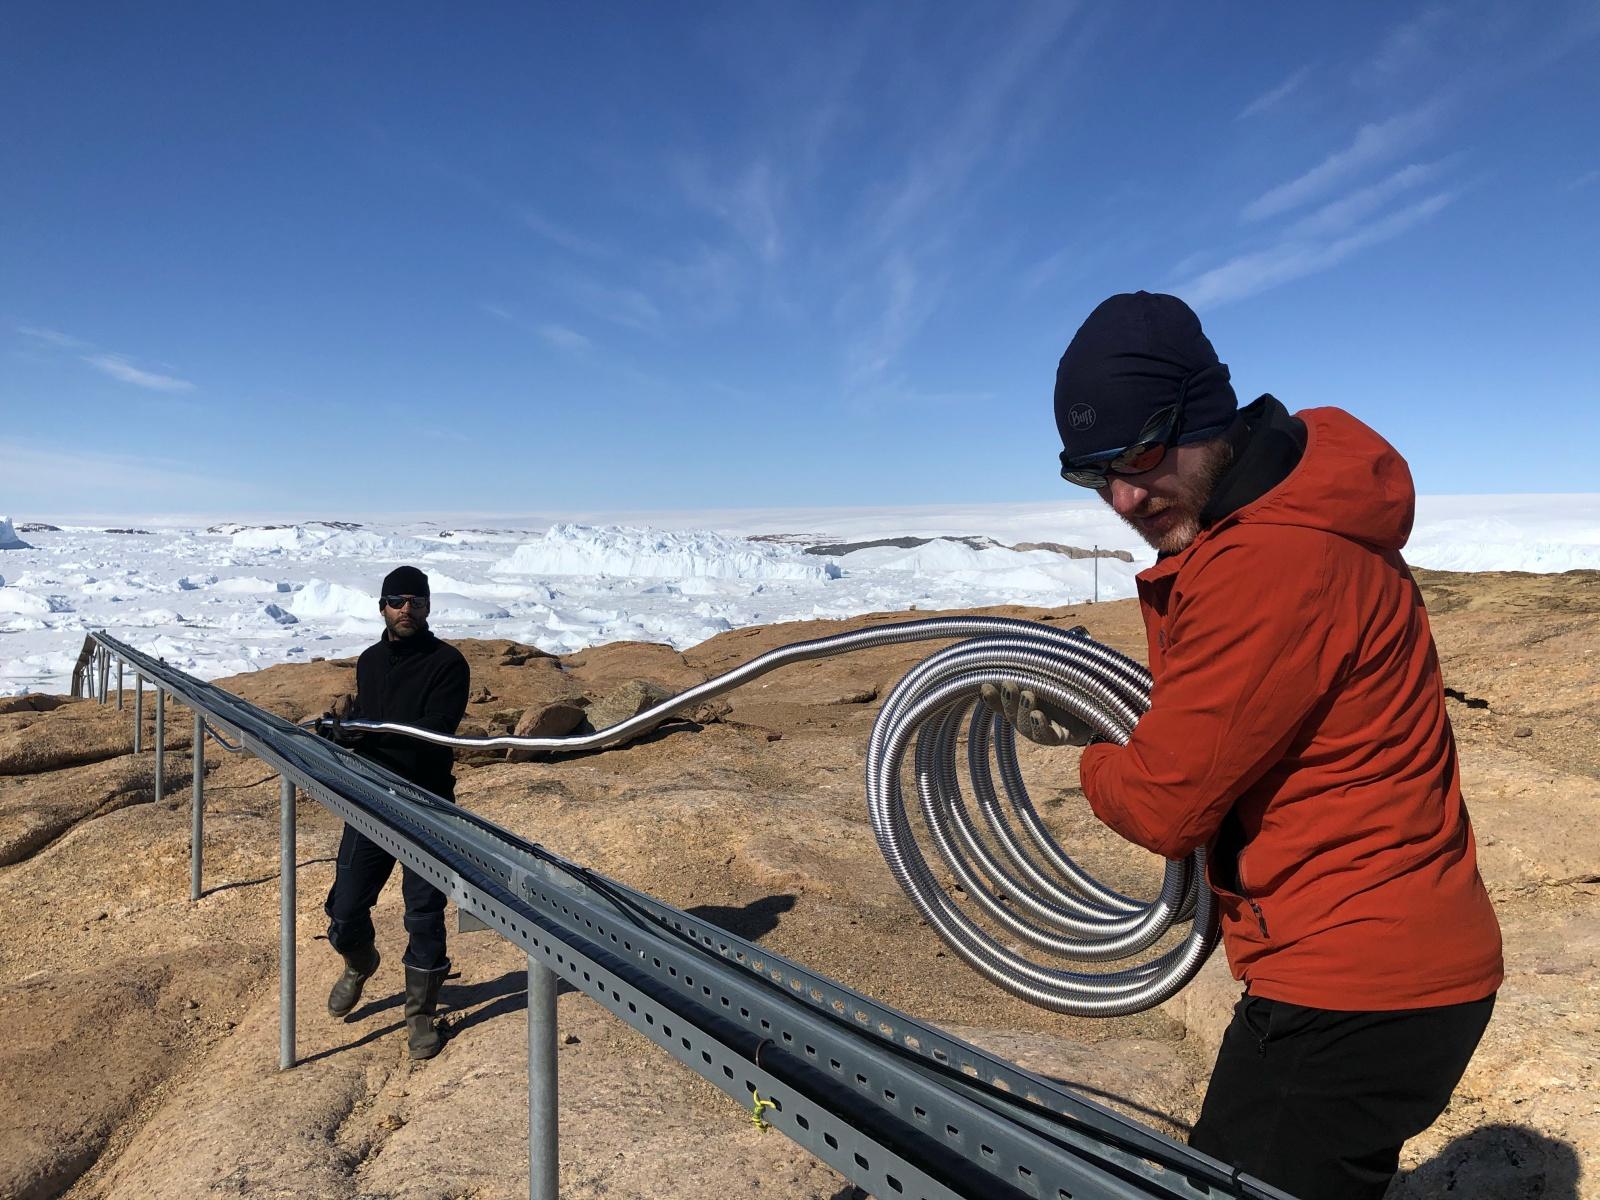 Как у российских полярников появилась сотовая связь в Антарктиде - 1